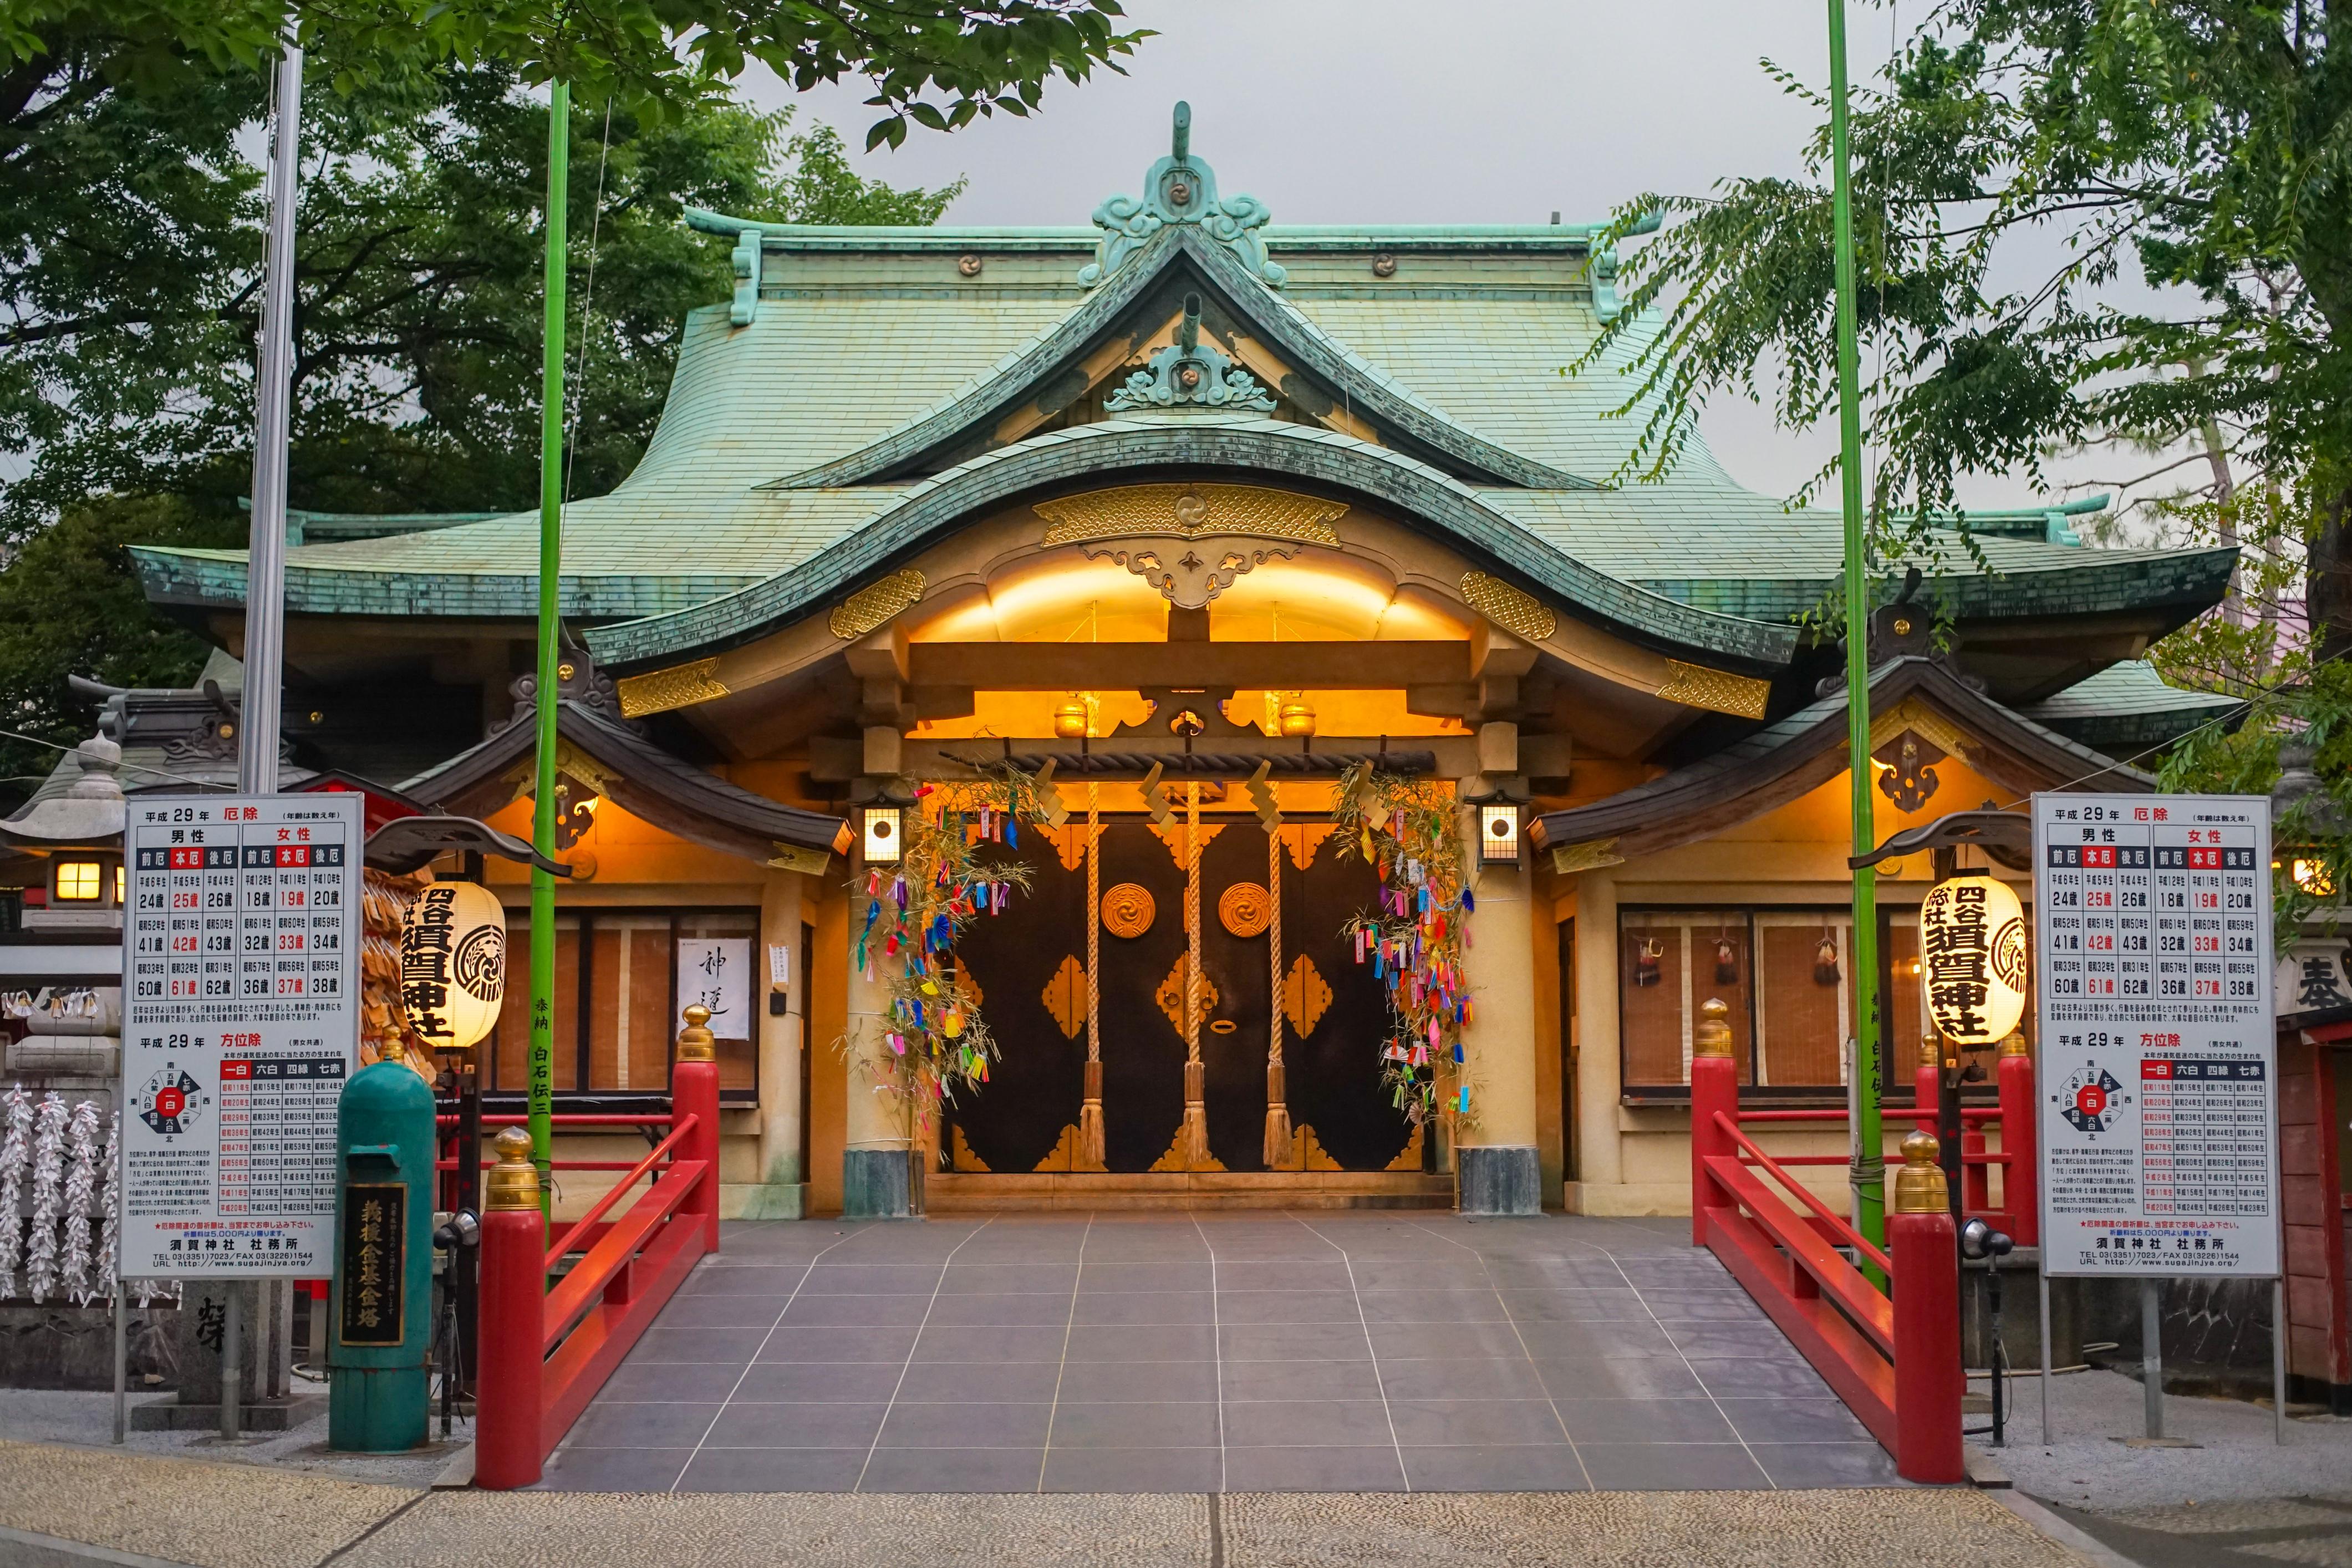 四谷须贺神社旅游景点图片